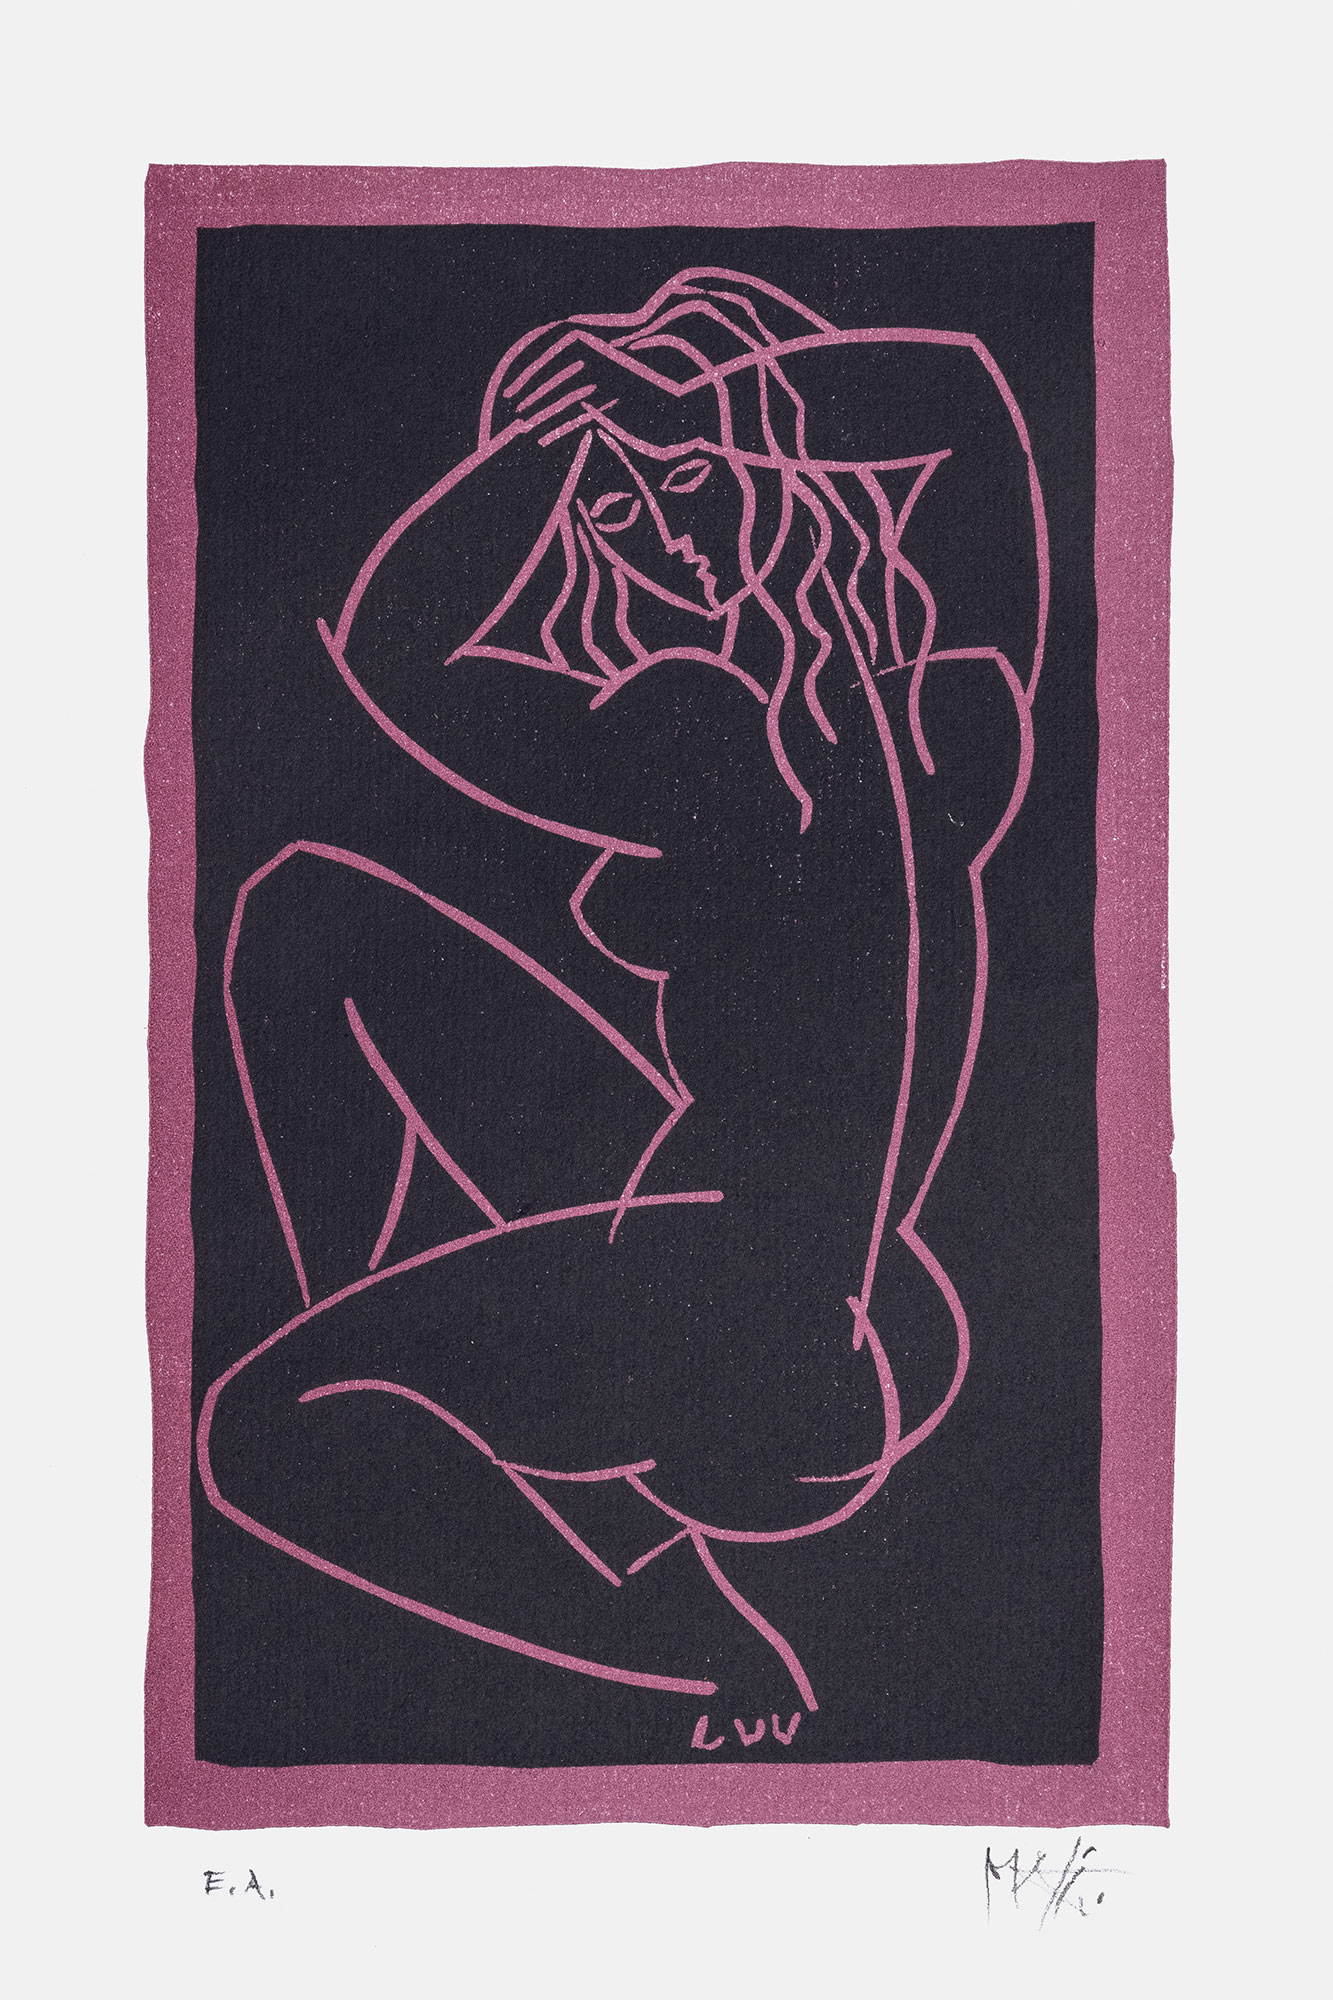 Frauenakt, Originallithographie